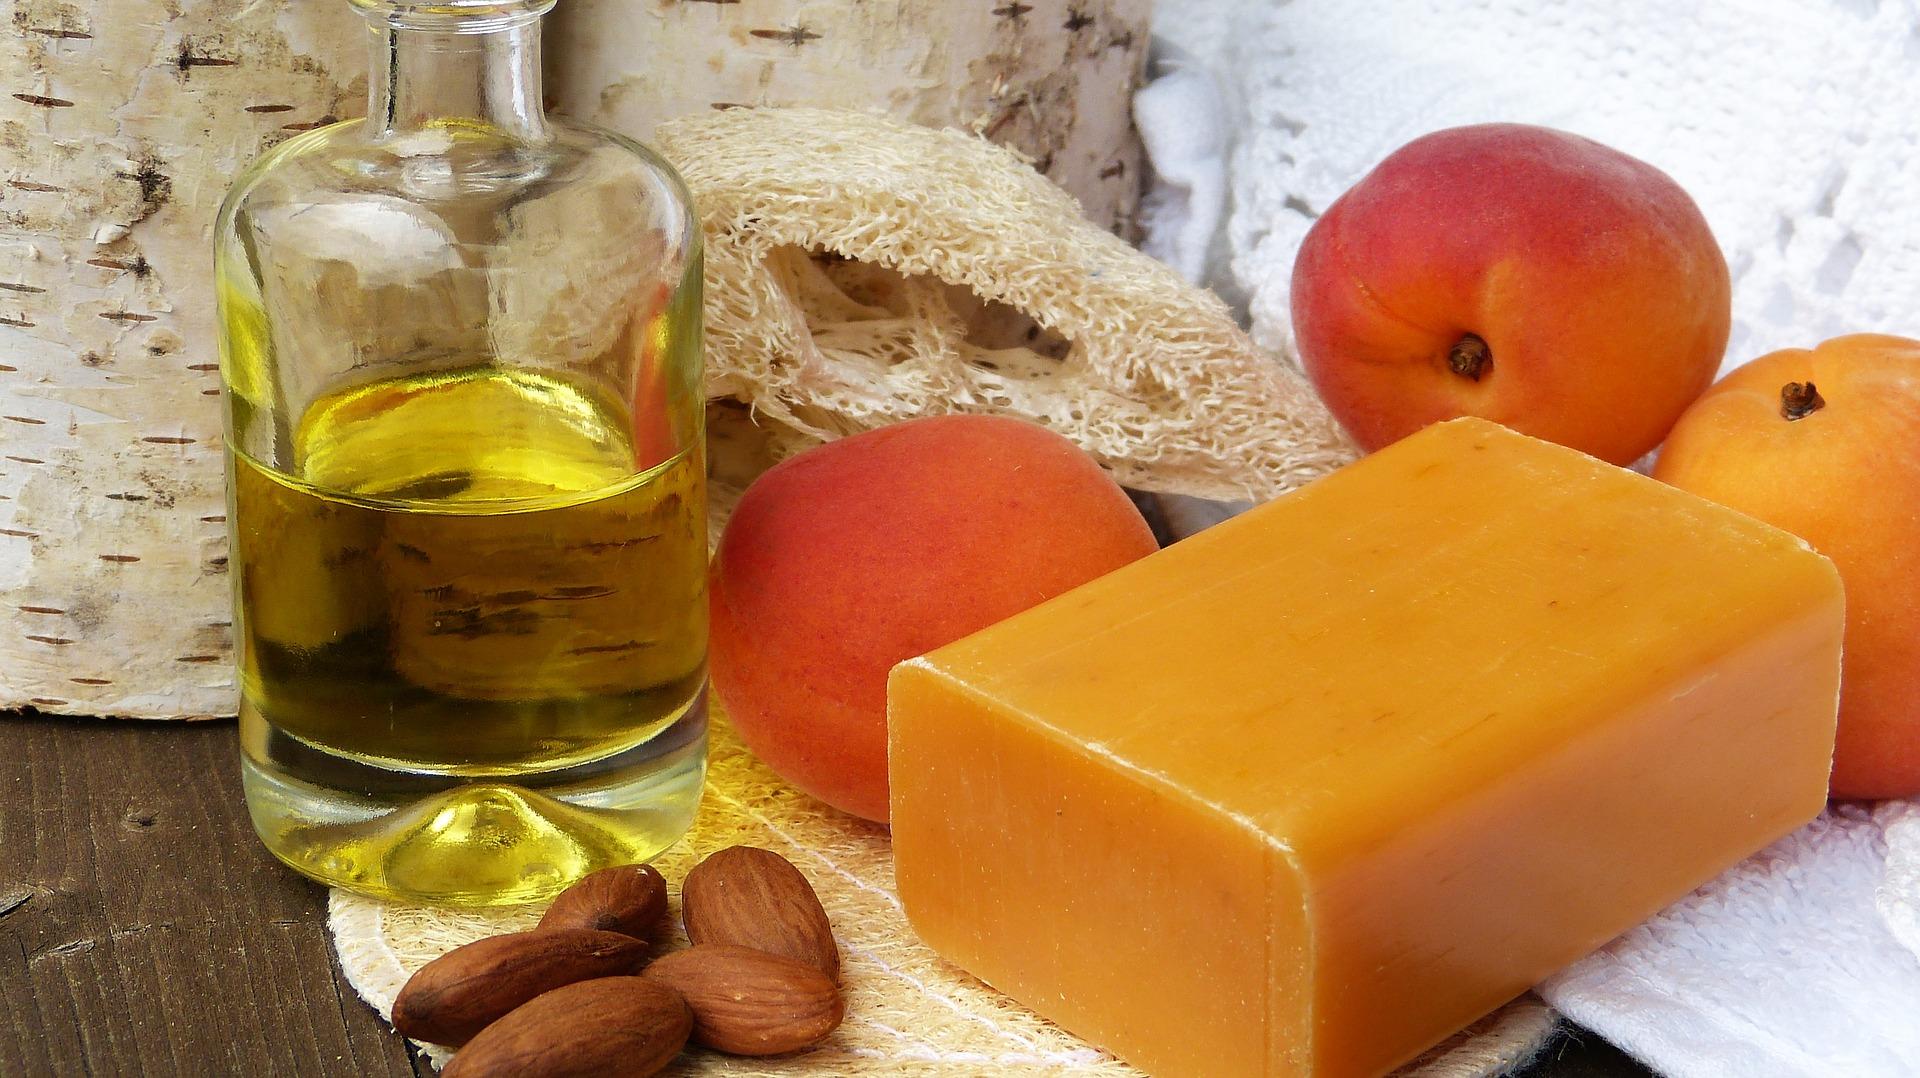 ulei de migdale - sfatulparintilor.ro - pixabay_com - soap-2333391_1920